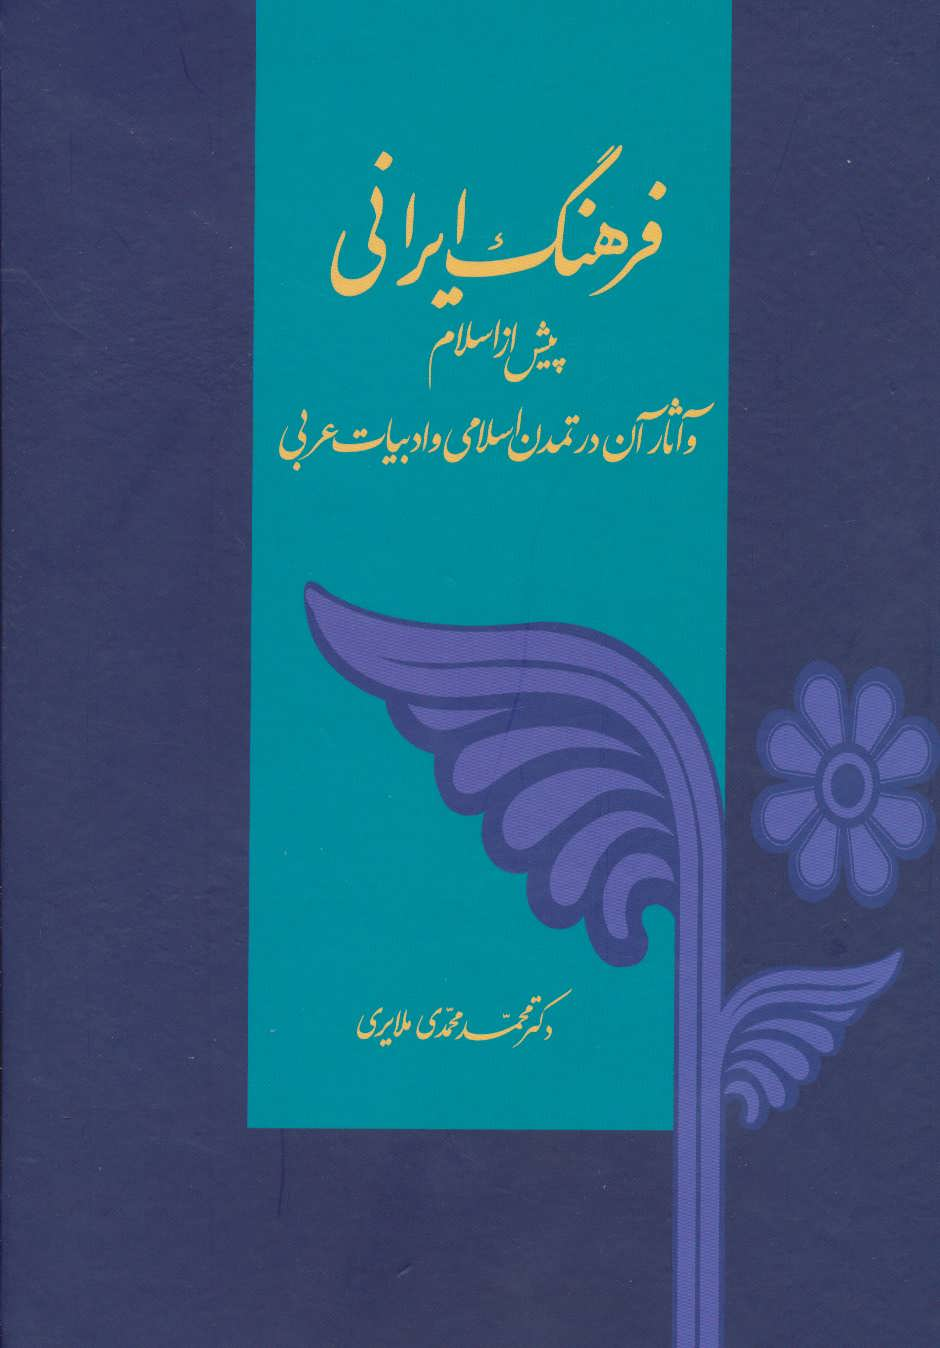 فرهنگ ایرانی (پیش از اسلام و آثار آن در تمدن اسلامی و ادبیات عربی)